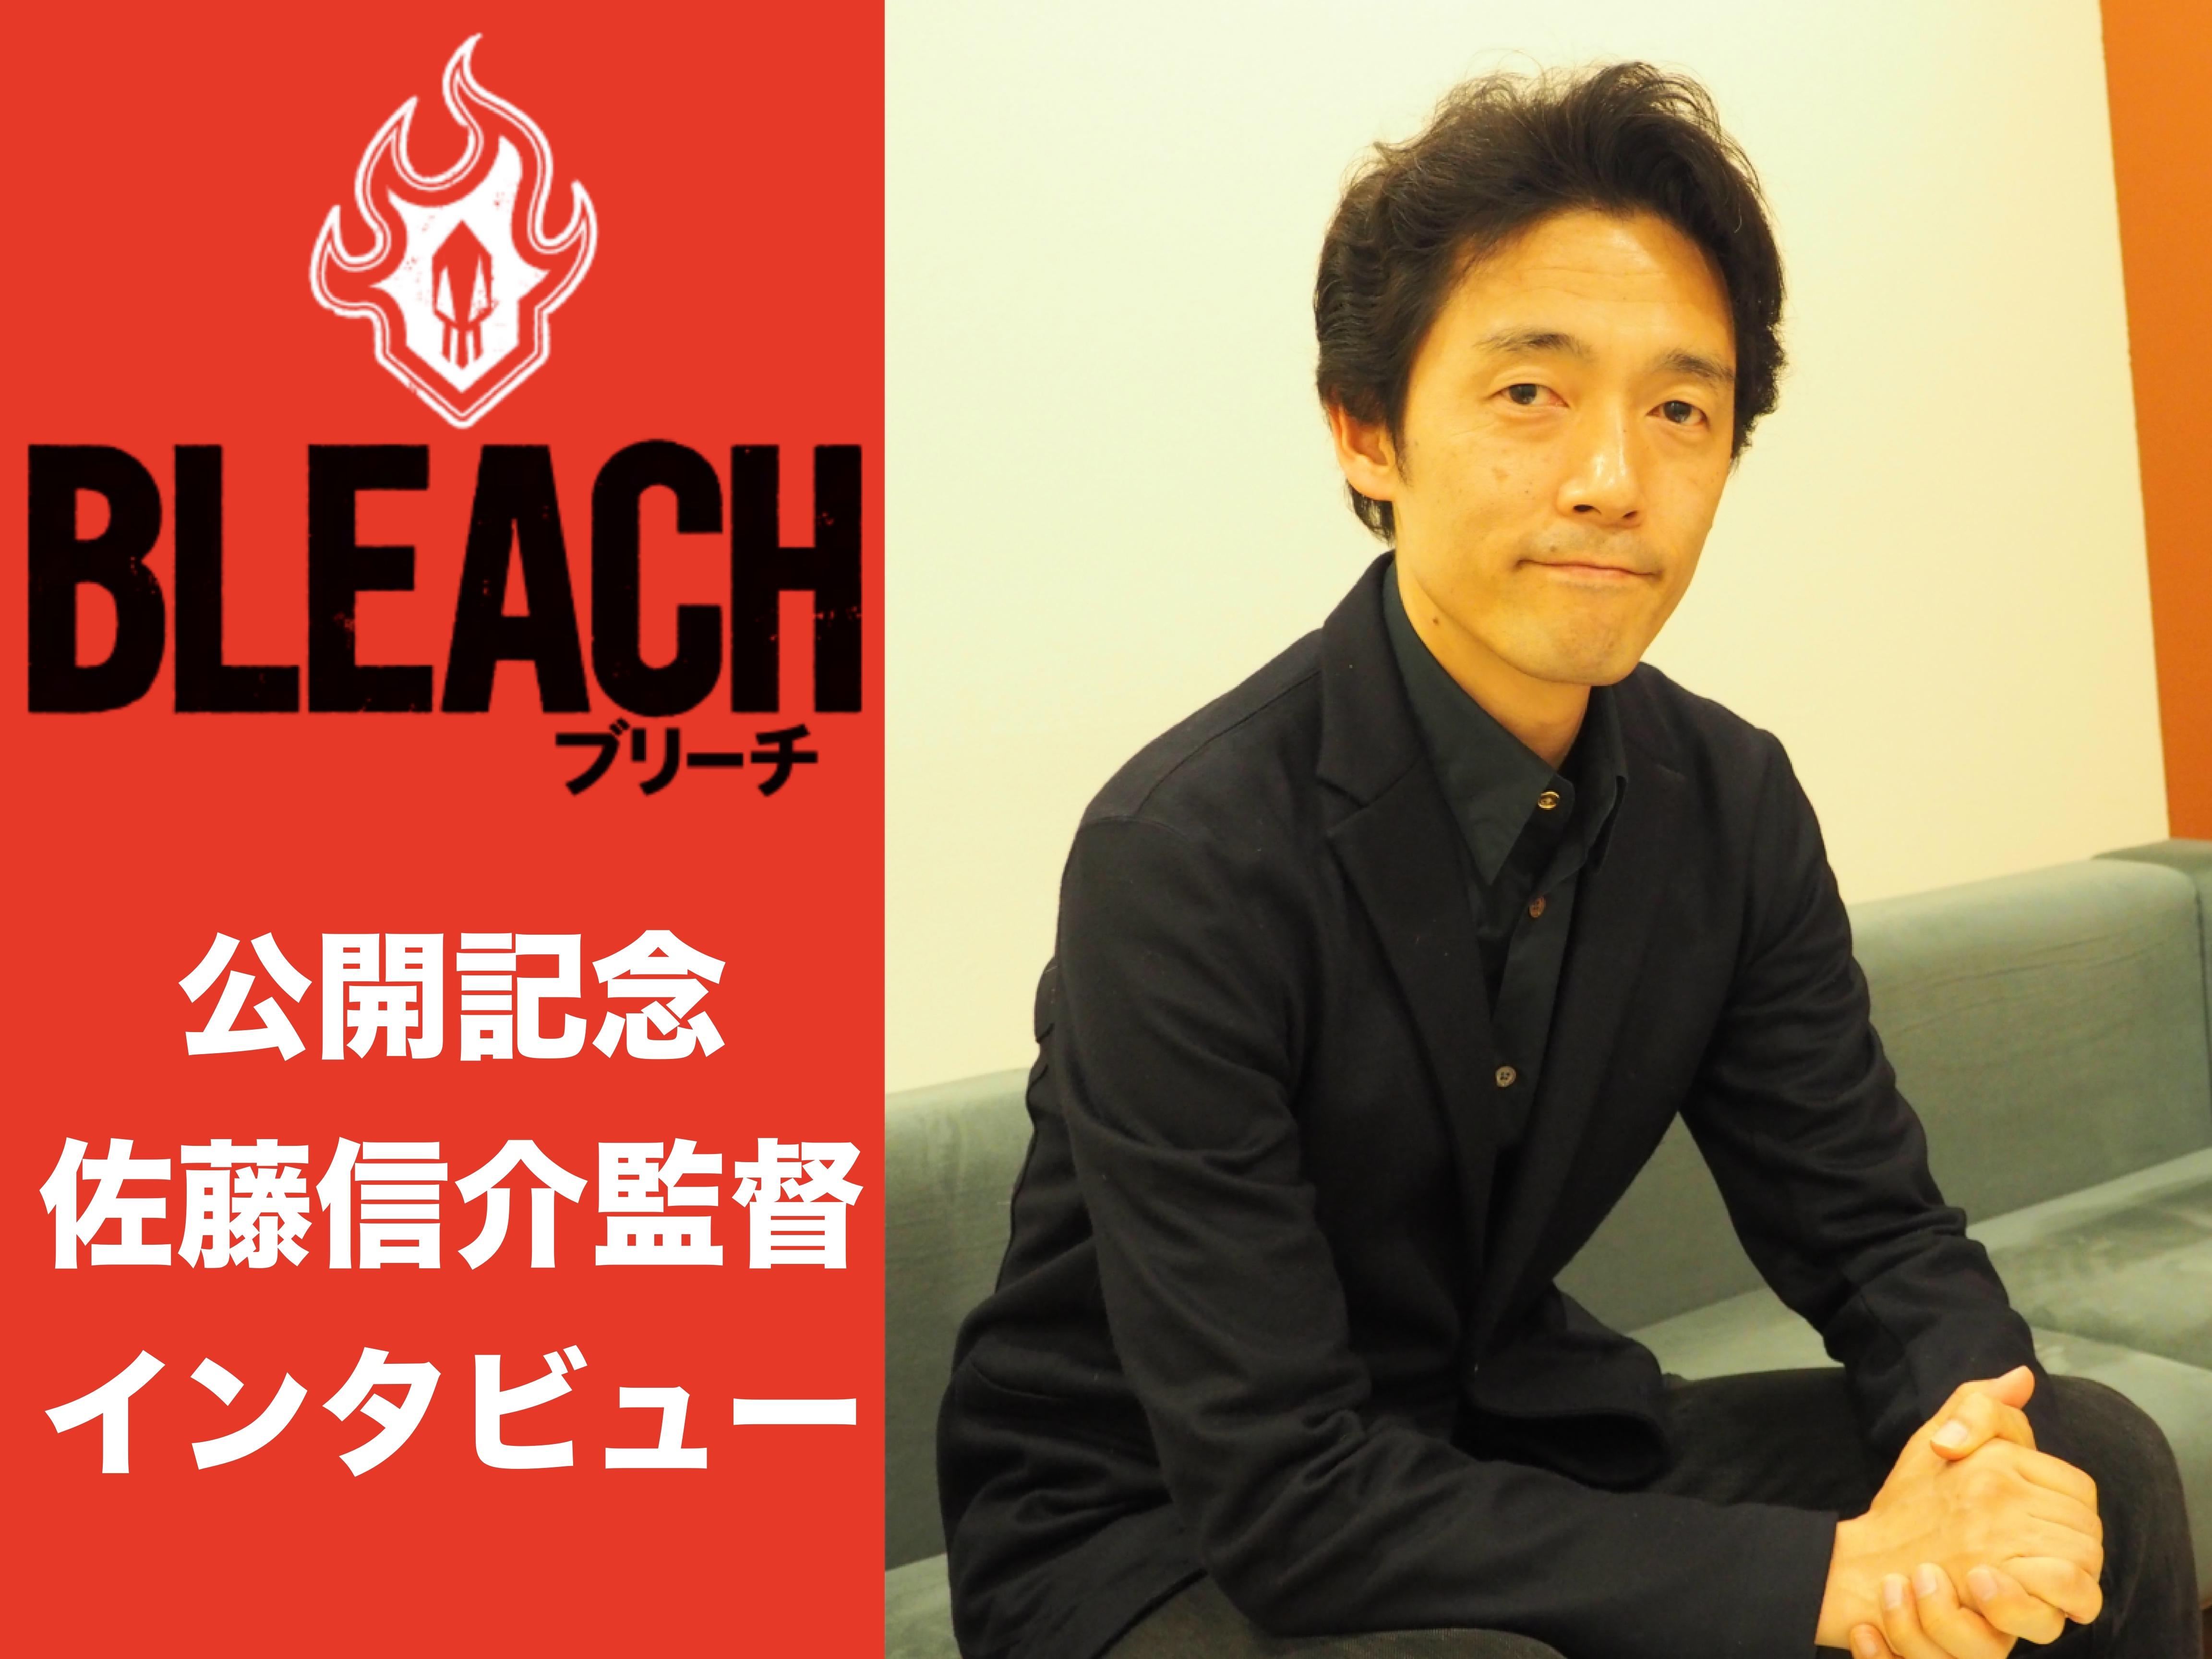 映画『BLEACH(ブリーチ)』佐藤信介監督インタビュー | アニメイトタイムズ